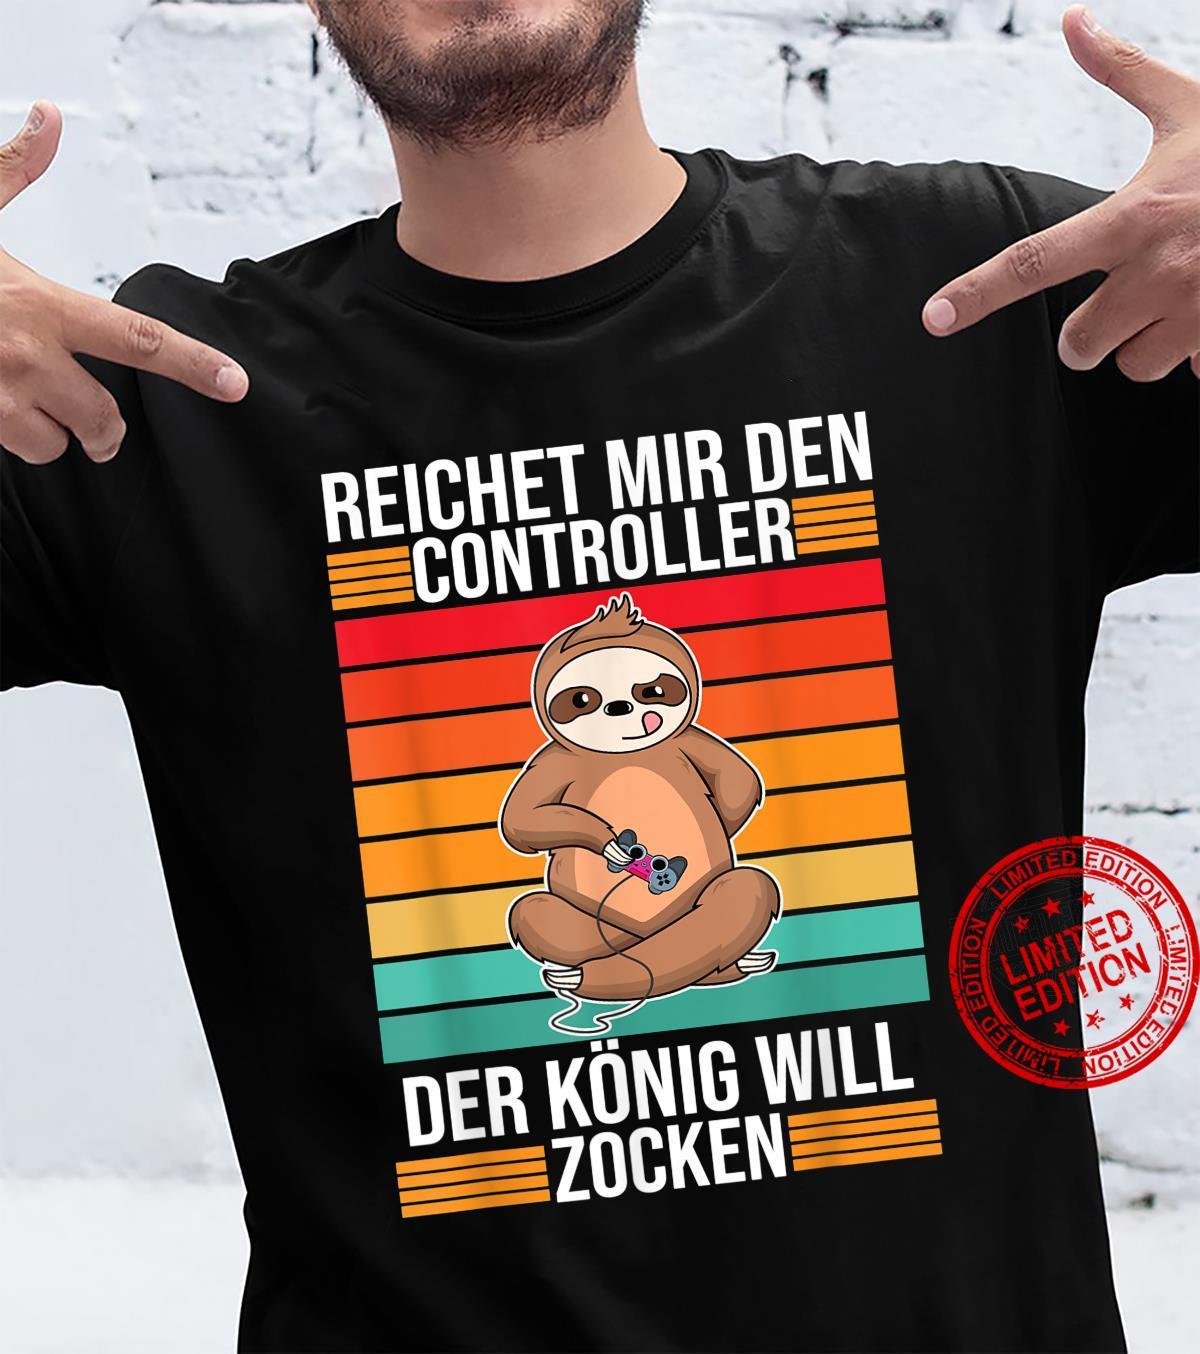 Zocken Reichet mir den Controller König PS5 Konsole Gamer Shirt